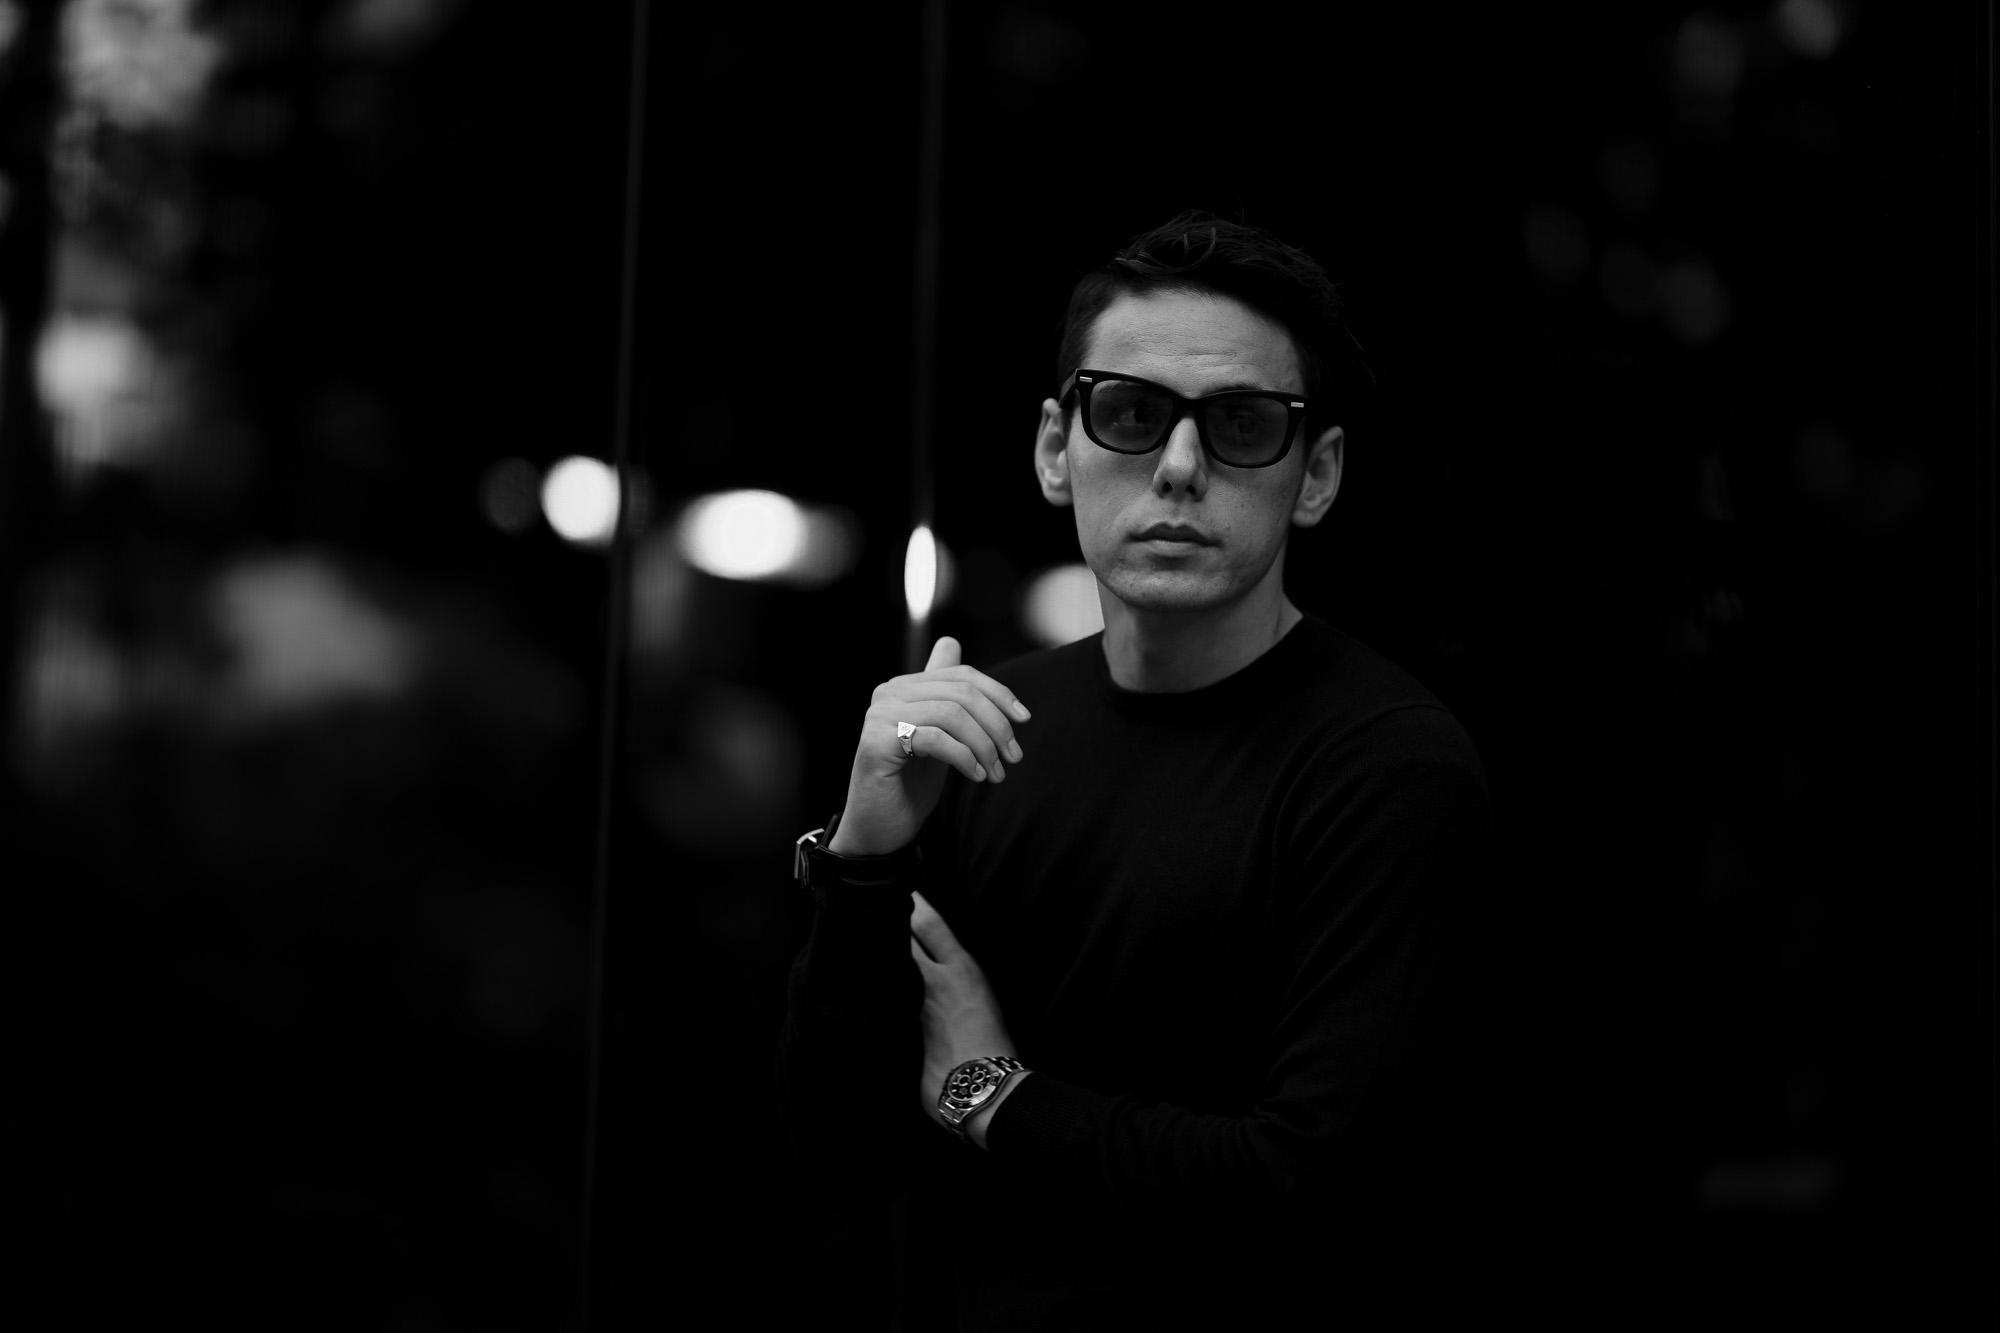 FIXERフィクサー BLACK PANTHERブラックパンサー 925 STERLING SILVER サングラス MATTE BLACK マットブラック 愛知 名古屋 Alto e Diritto アルトエデリット 眼鏡 グラサン 925スターリングシルバー スペシャルモデル sunglasses 【ご予約開始します】【2020.10.17(Sat)~2020.11.01(Sun)